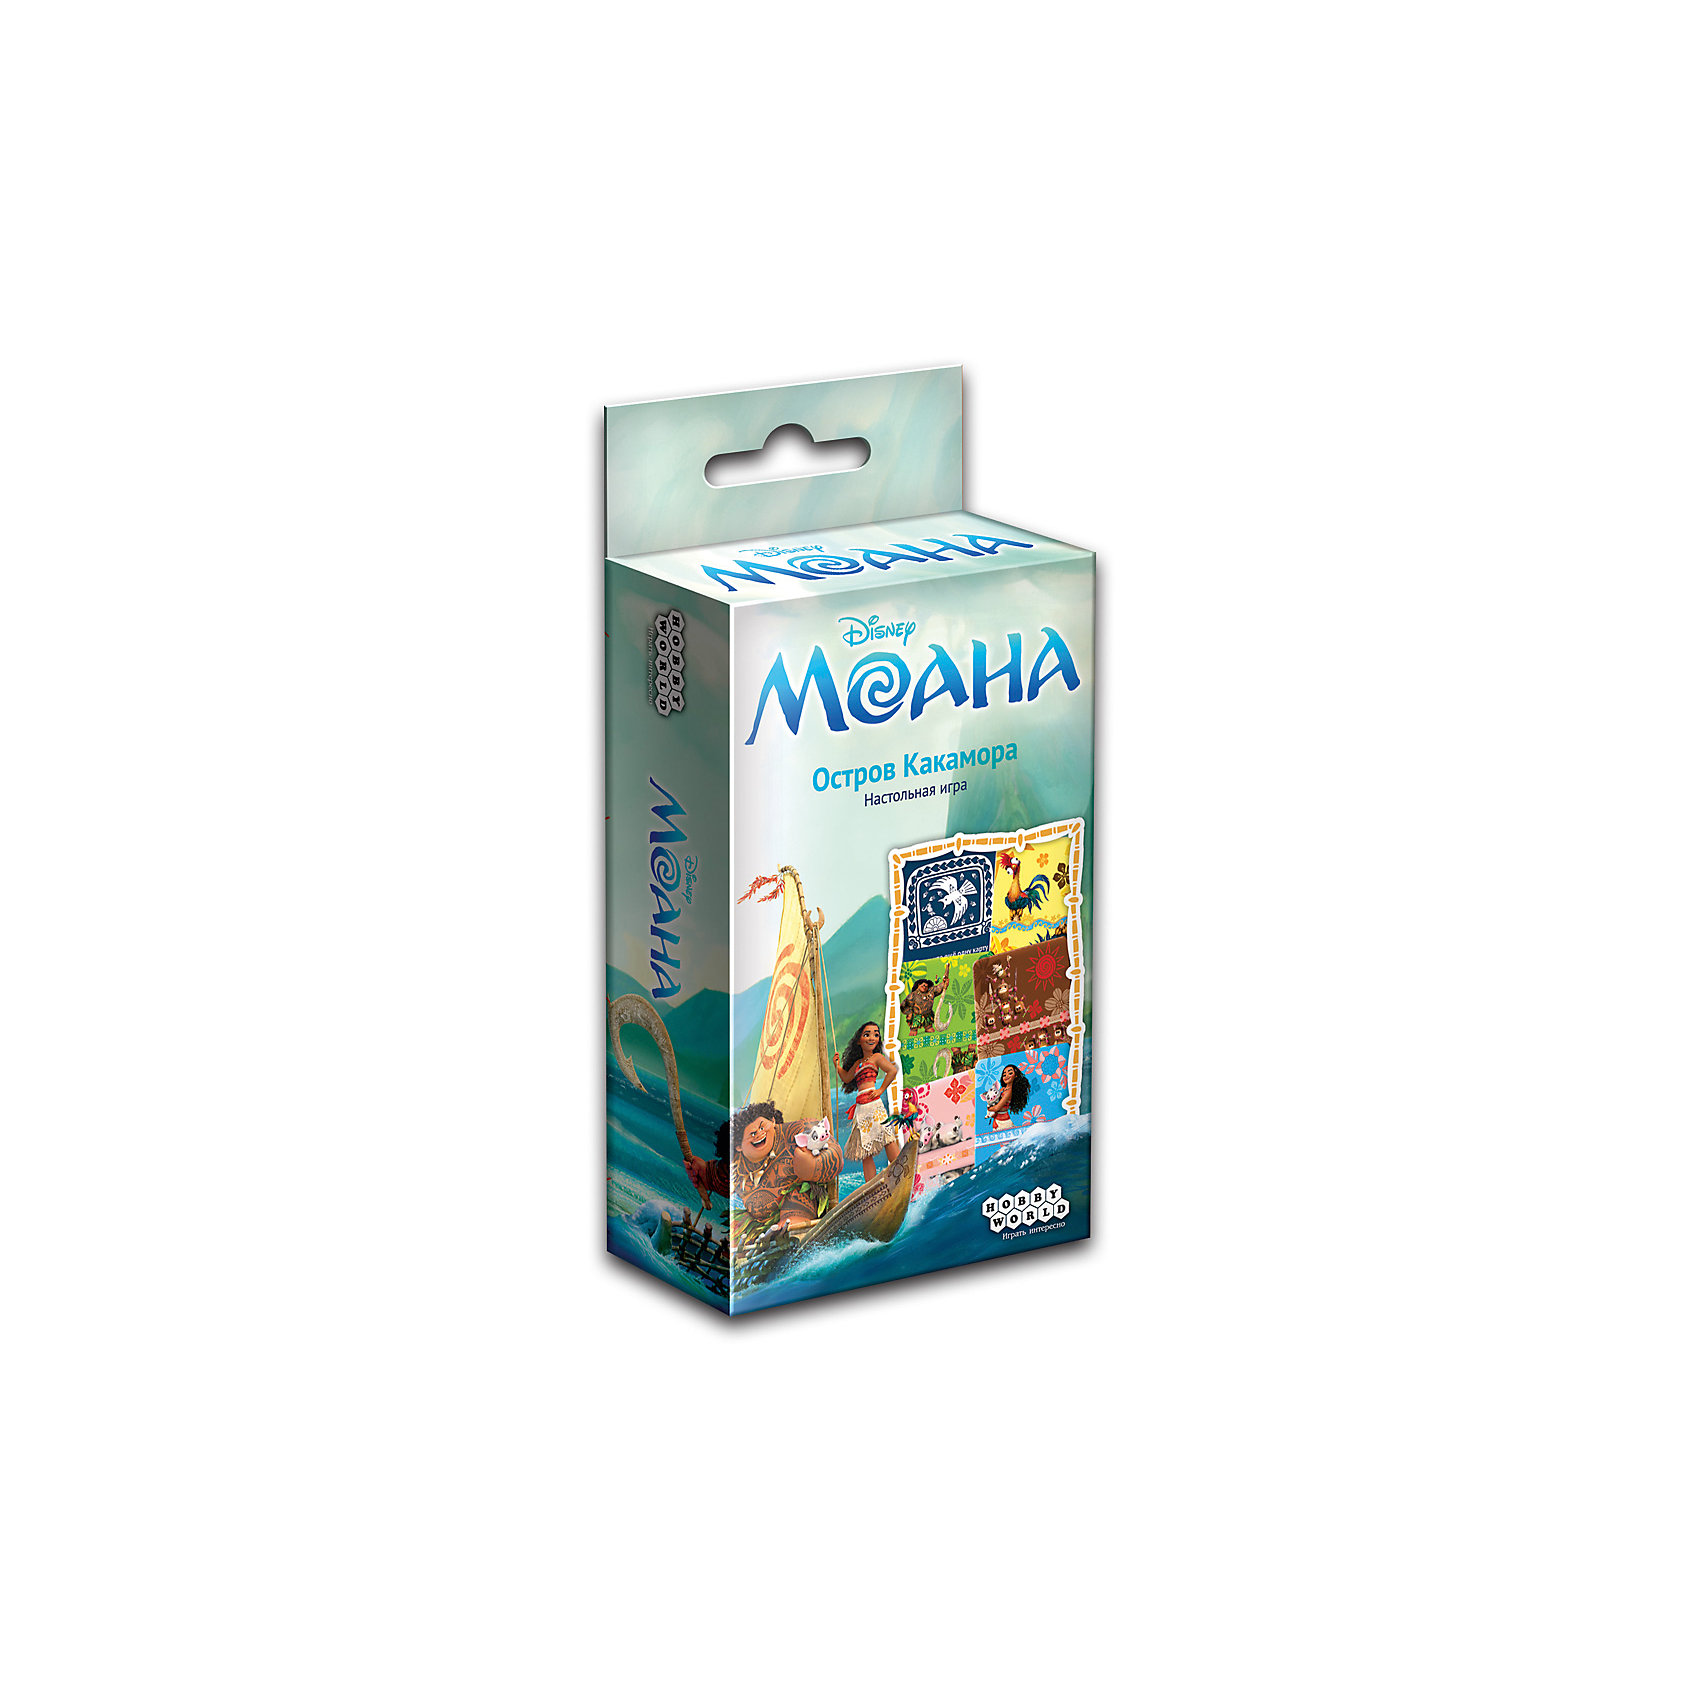 Игра настольная Моана: Остров Какамора,  Hobby WorldКарточные игры<br>Характеристики товара:<br><br>• возраст: от 5 лет;<br>• материал: картон;<br>• количество игроков: 3-7 человек;<br>• время игры: 15-20 минут;<br>• в комплекте: 36 карточек персонажей, 12 карт татуировок, карта воинов Какамора, правила игры;<br>• размер упаковки 13х7х3 см;<br>• вес упаковки 104 гр.;<br>• страна производитель: Россия.<br><br>Игра настольная «Моана. Остров Какамора» Hobby World - увлекательная детская игра, созданная по мотивам известного мультфильма «Моана». Участникам раздаются карточки с персонажами и татуировками. По очереди игрок тянет карточку у соседа. Если это татуировка, то бросает ее в центр, если нет, то оставляет себе, не показывая соперникам. Если у игрока на руках получаются 2 одинаковые карточки с персонажами, то он может их скинуть в центр стола. Цель игры — избавиться от всех карточек.<br><br>Игру настольную «Моана. Остров Какамора» Hobby World можно приобрести в нашем интернет-магазине.<br><br>Ширина мм: 130<br>Глубина мм: 70<br>Высота мм: 30<br>Вес г: 104<br>Возраст от месяцев: 60<br>Возраст до месяцев: 2147483647<br>Пол: Унисекс<br>Возраст: Детский<br>SKU: 5597242